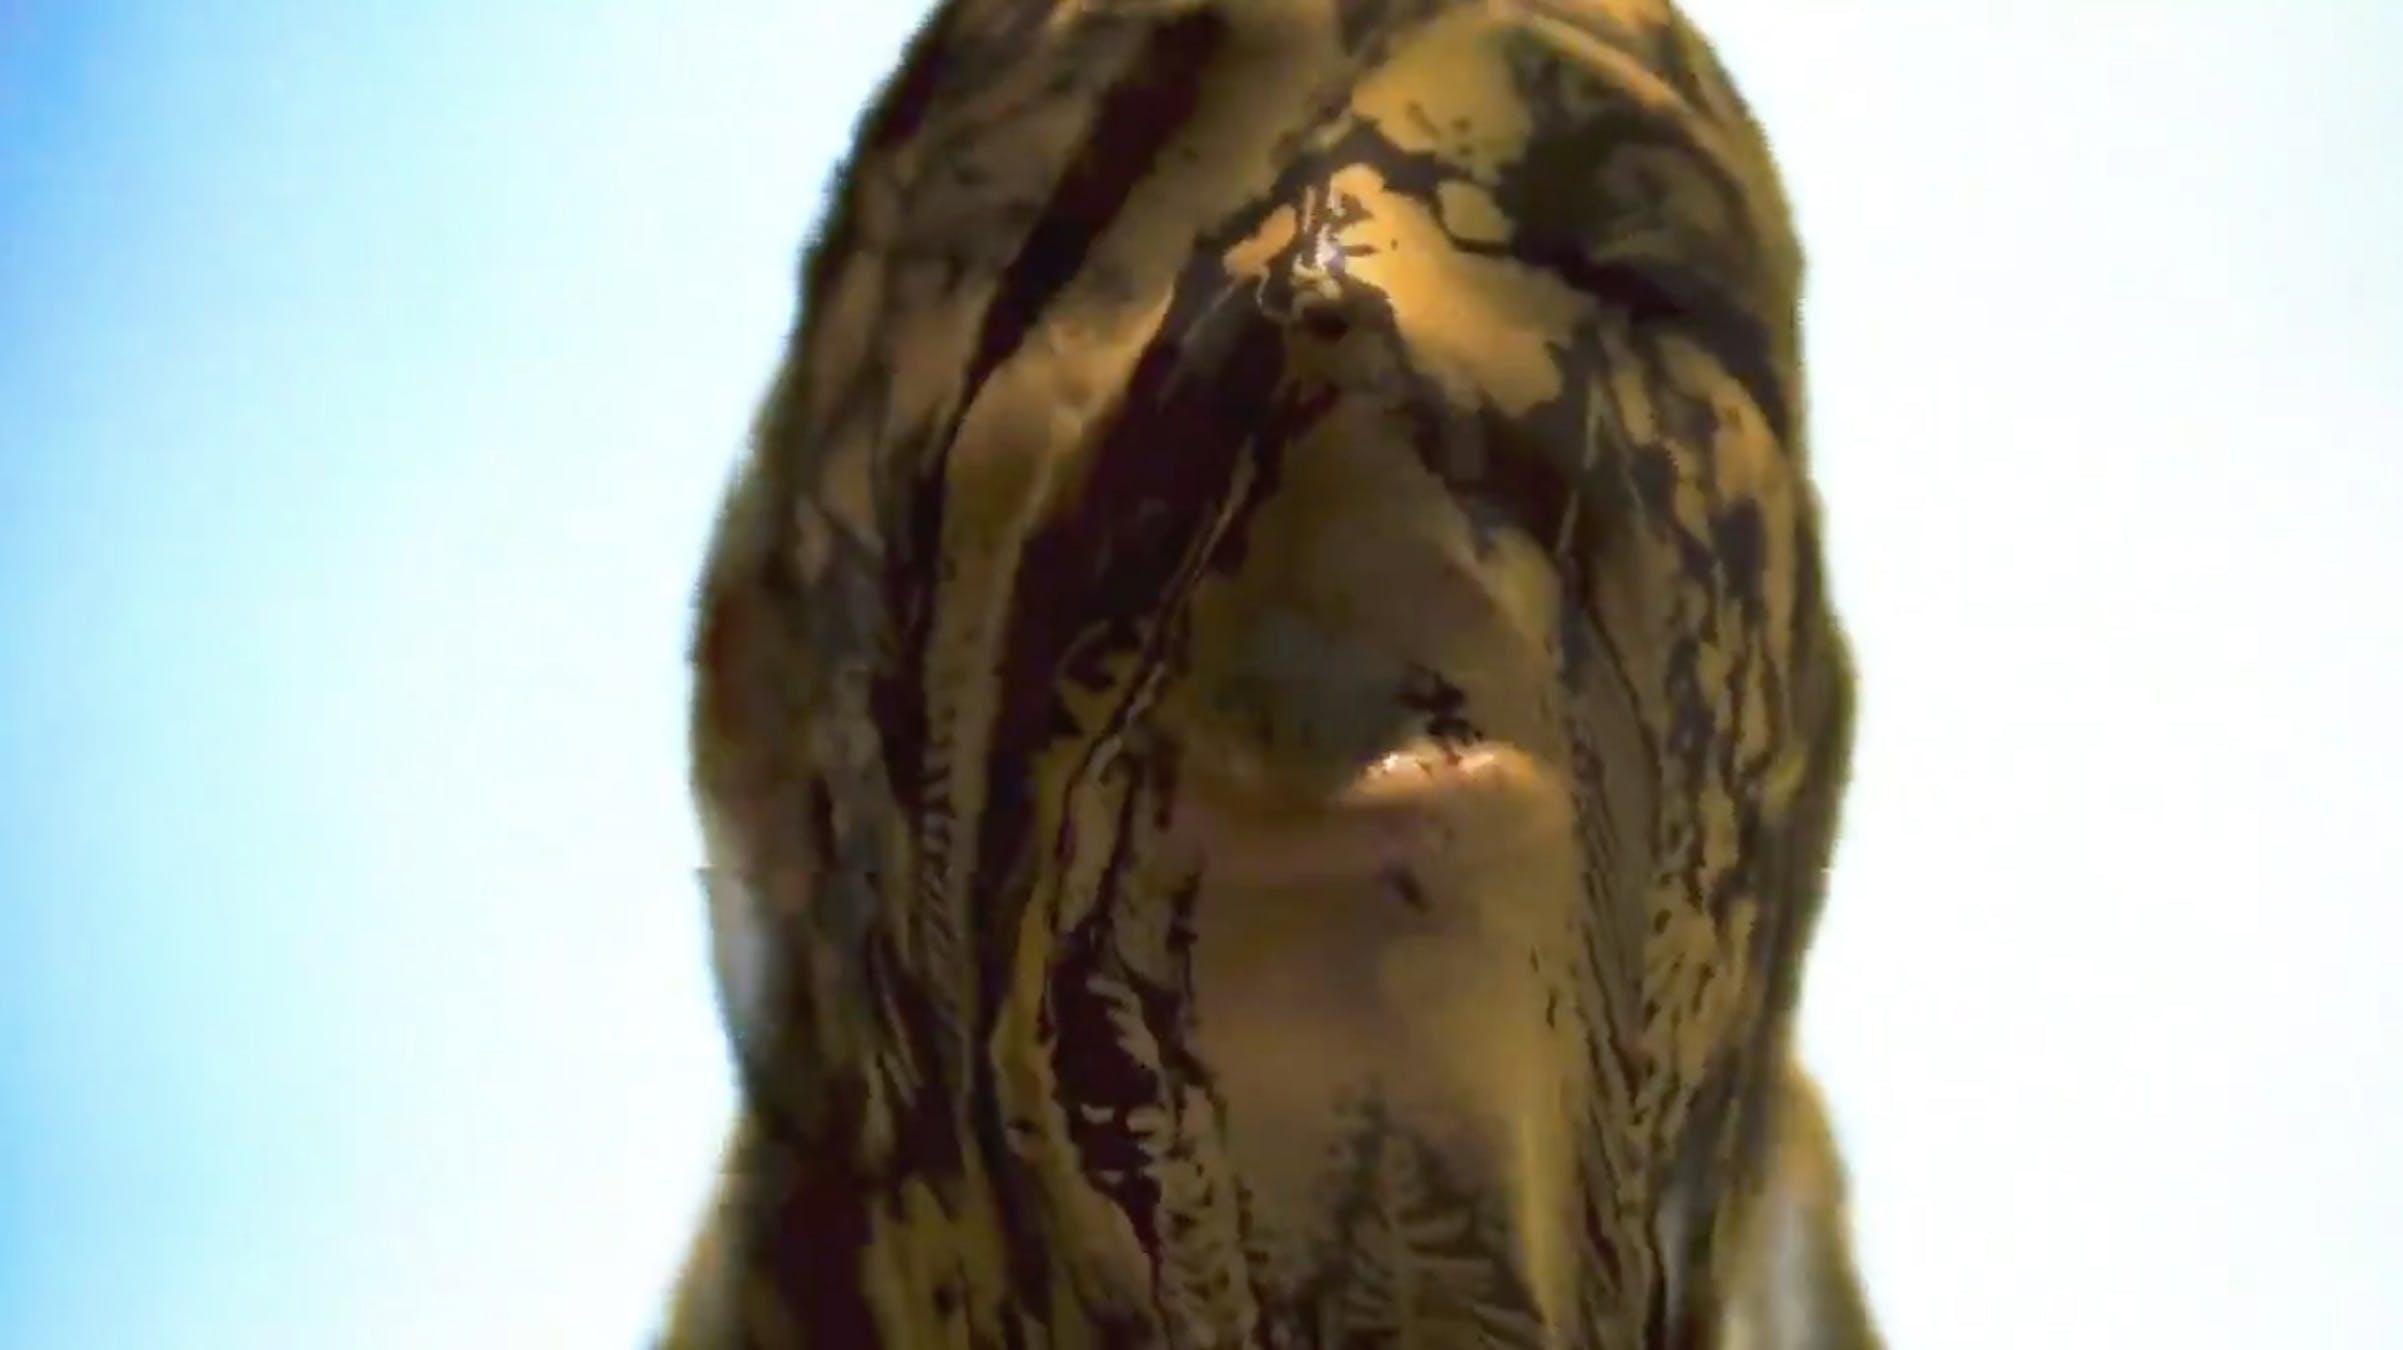 Slipknot Release Another Terrifying Teaser Video